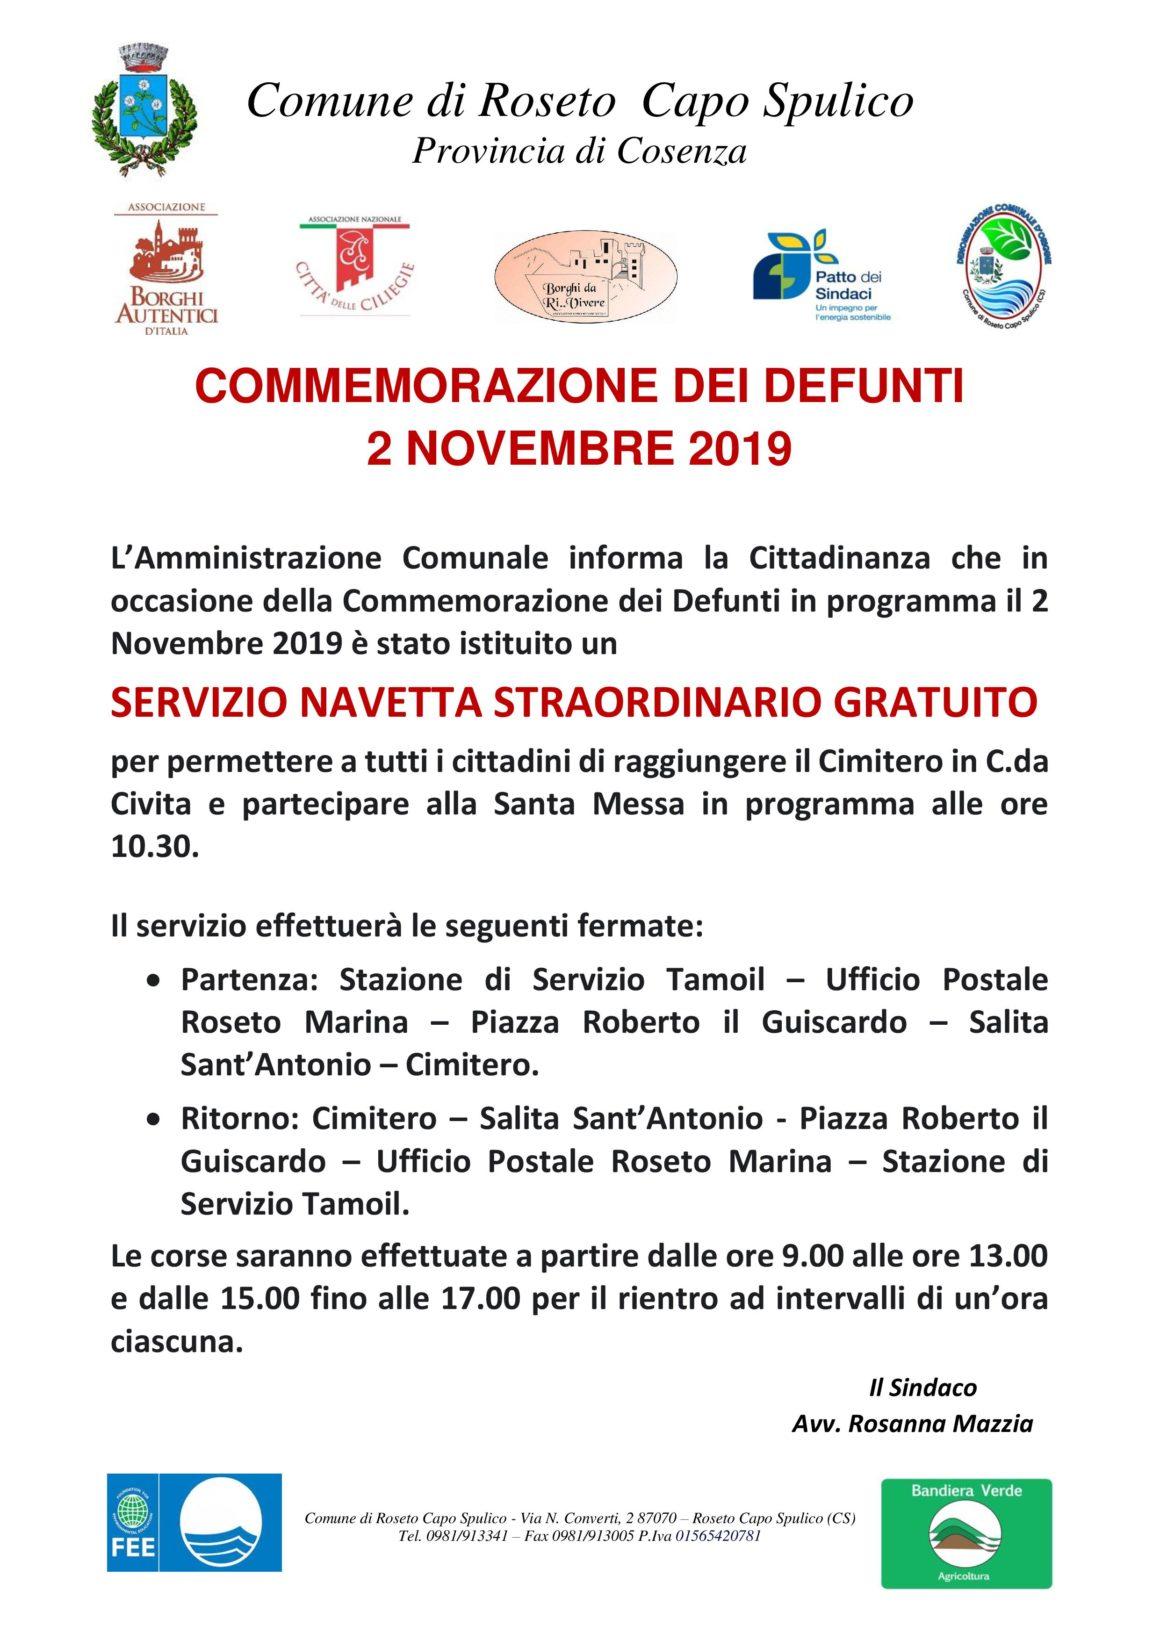 COMMEMORAZIONE DEI DEFUNTI – 2 NOVEMBRE 2019